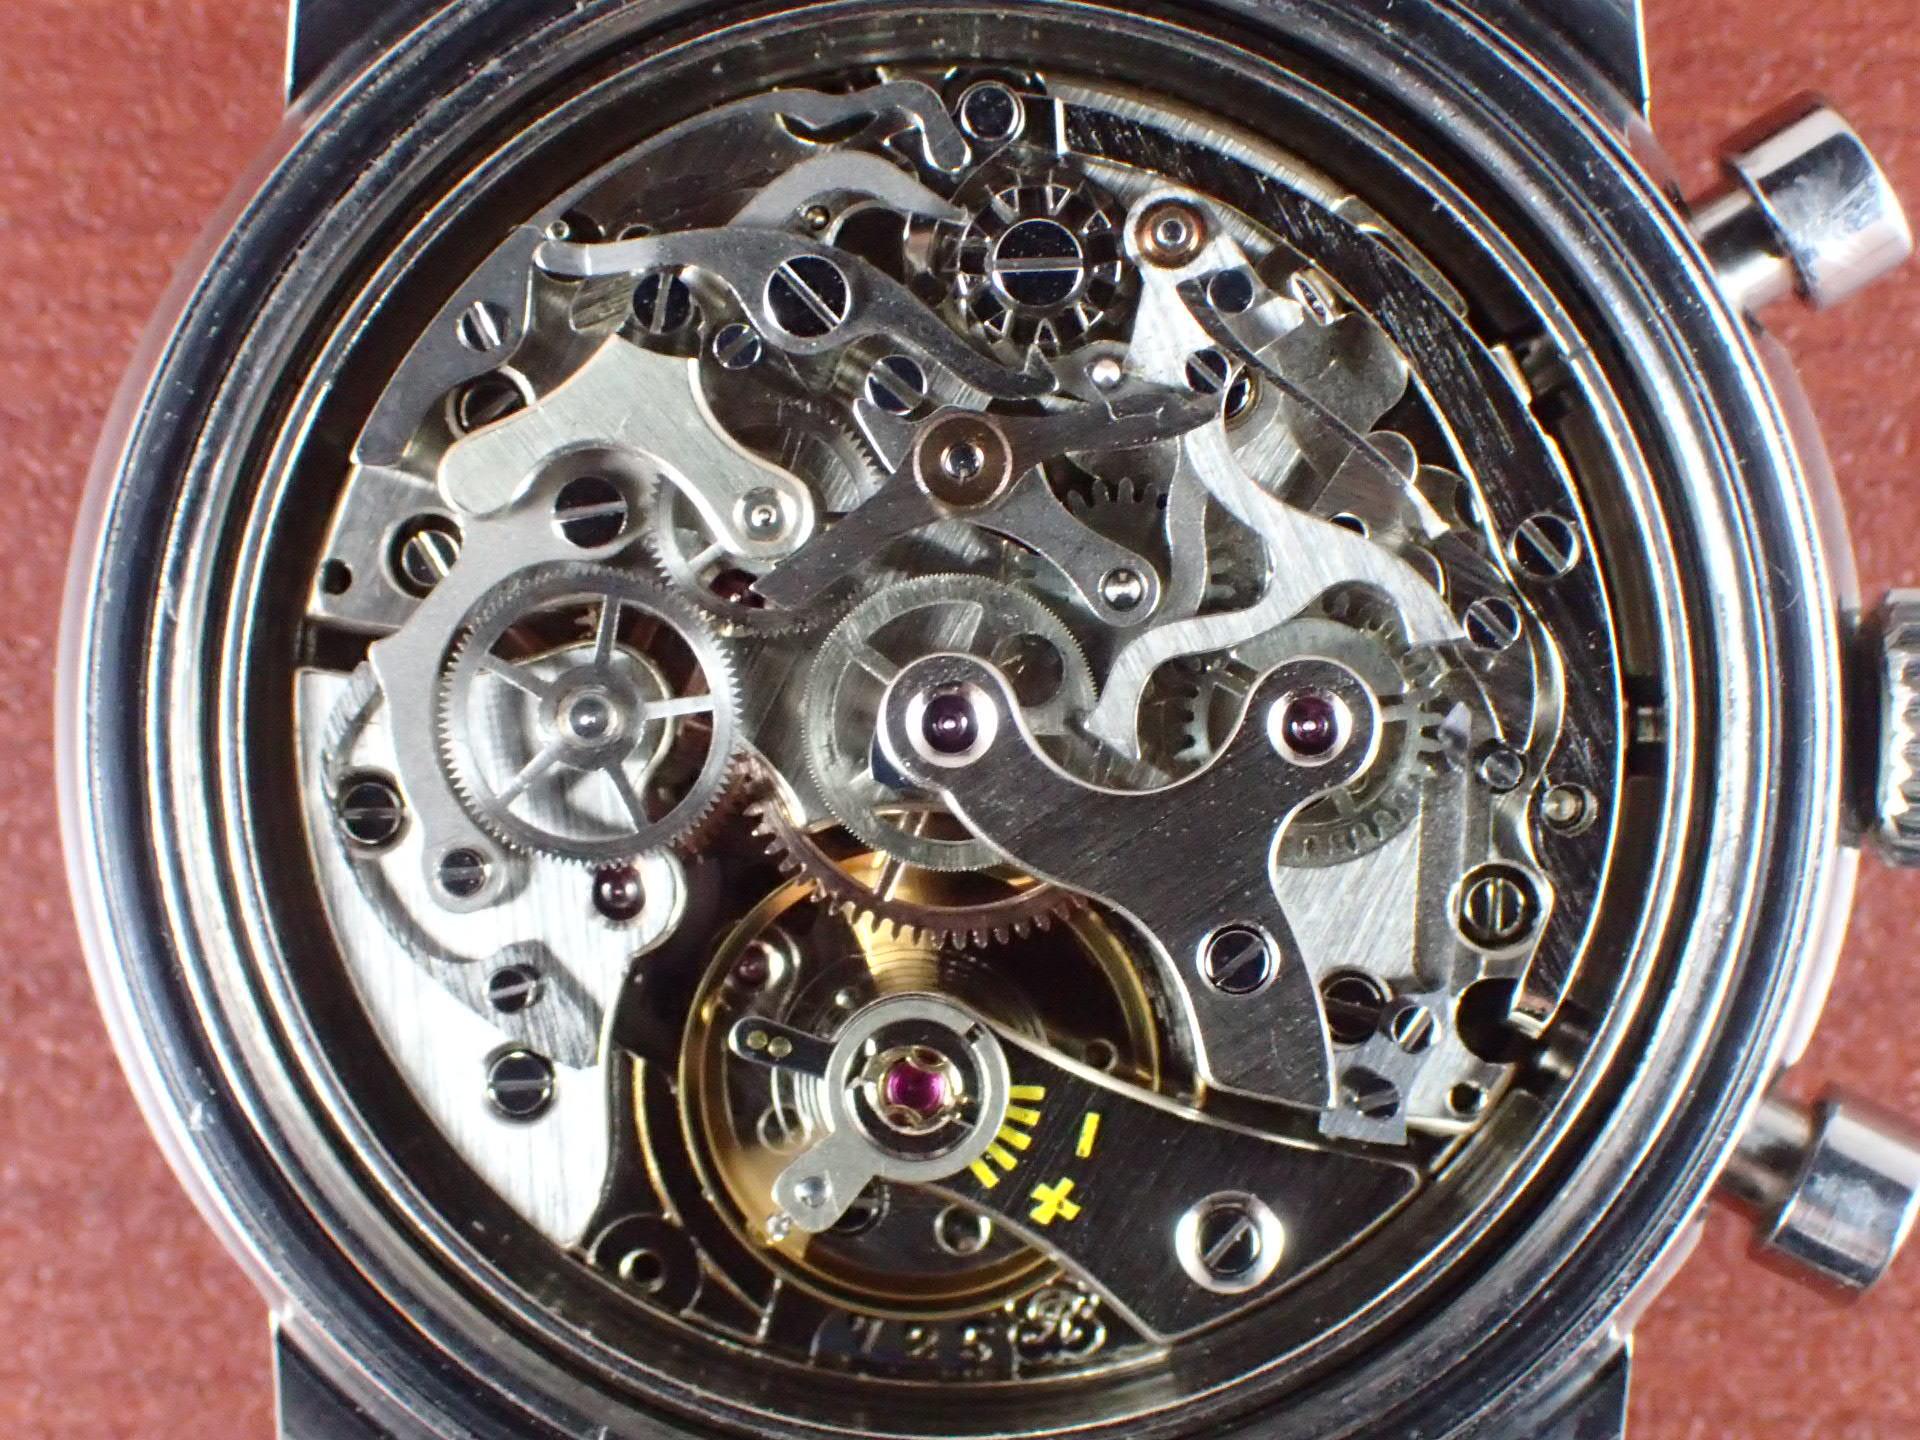 ブレゲ タイプ20 セカンドジェネレーション Cal.Valjoux725 1970年代の写真5枚目